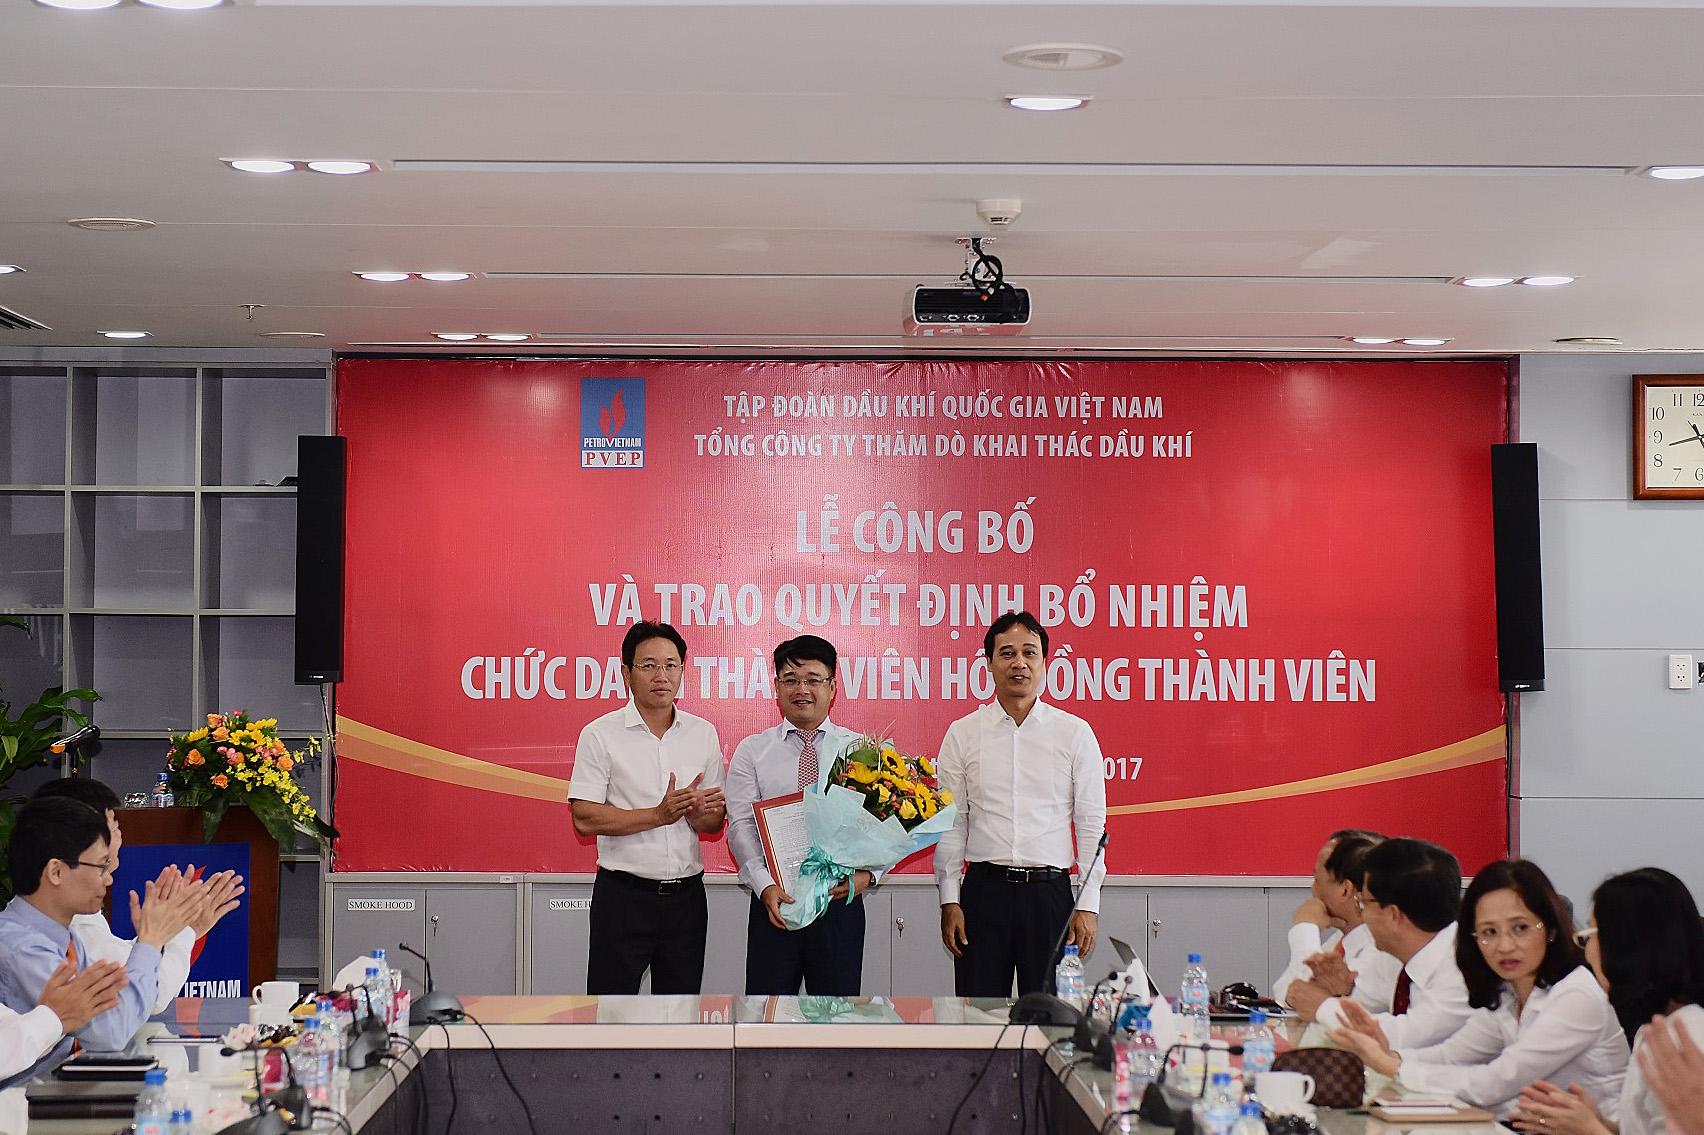 Tập đoàn Dầu khí Việt Nam trao các quyết định nhân sự Thành viên HĐTV PVEP